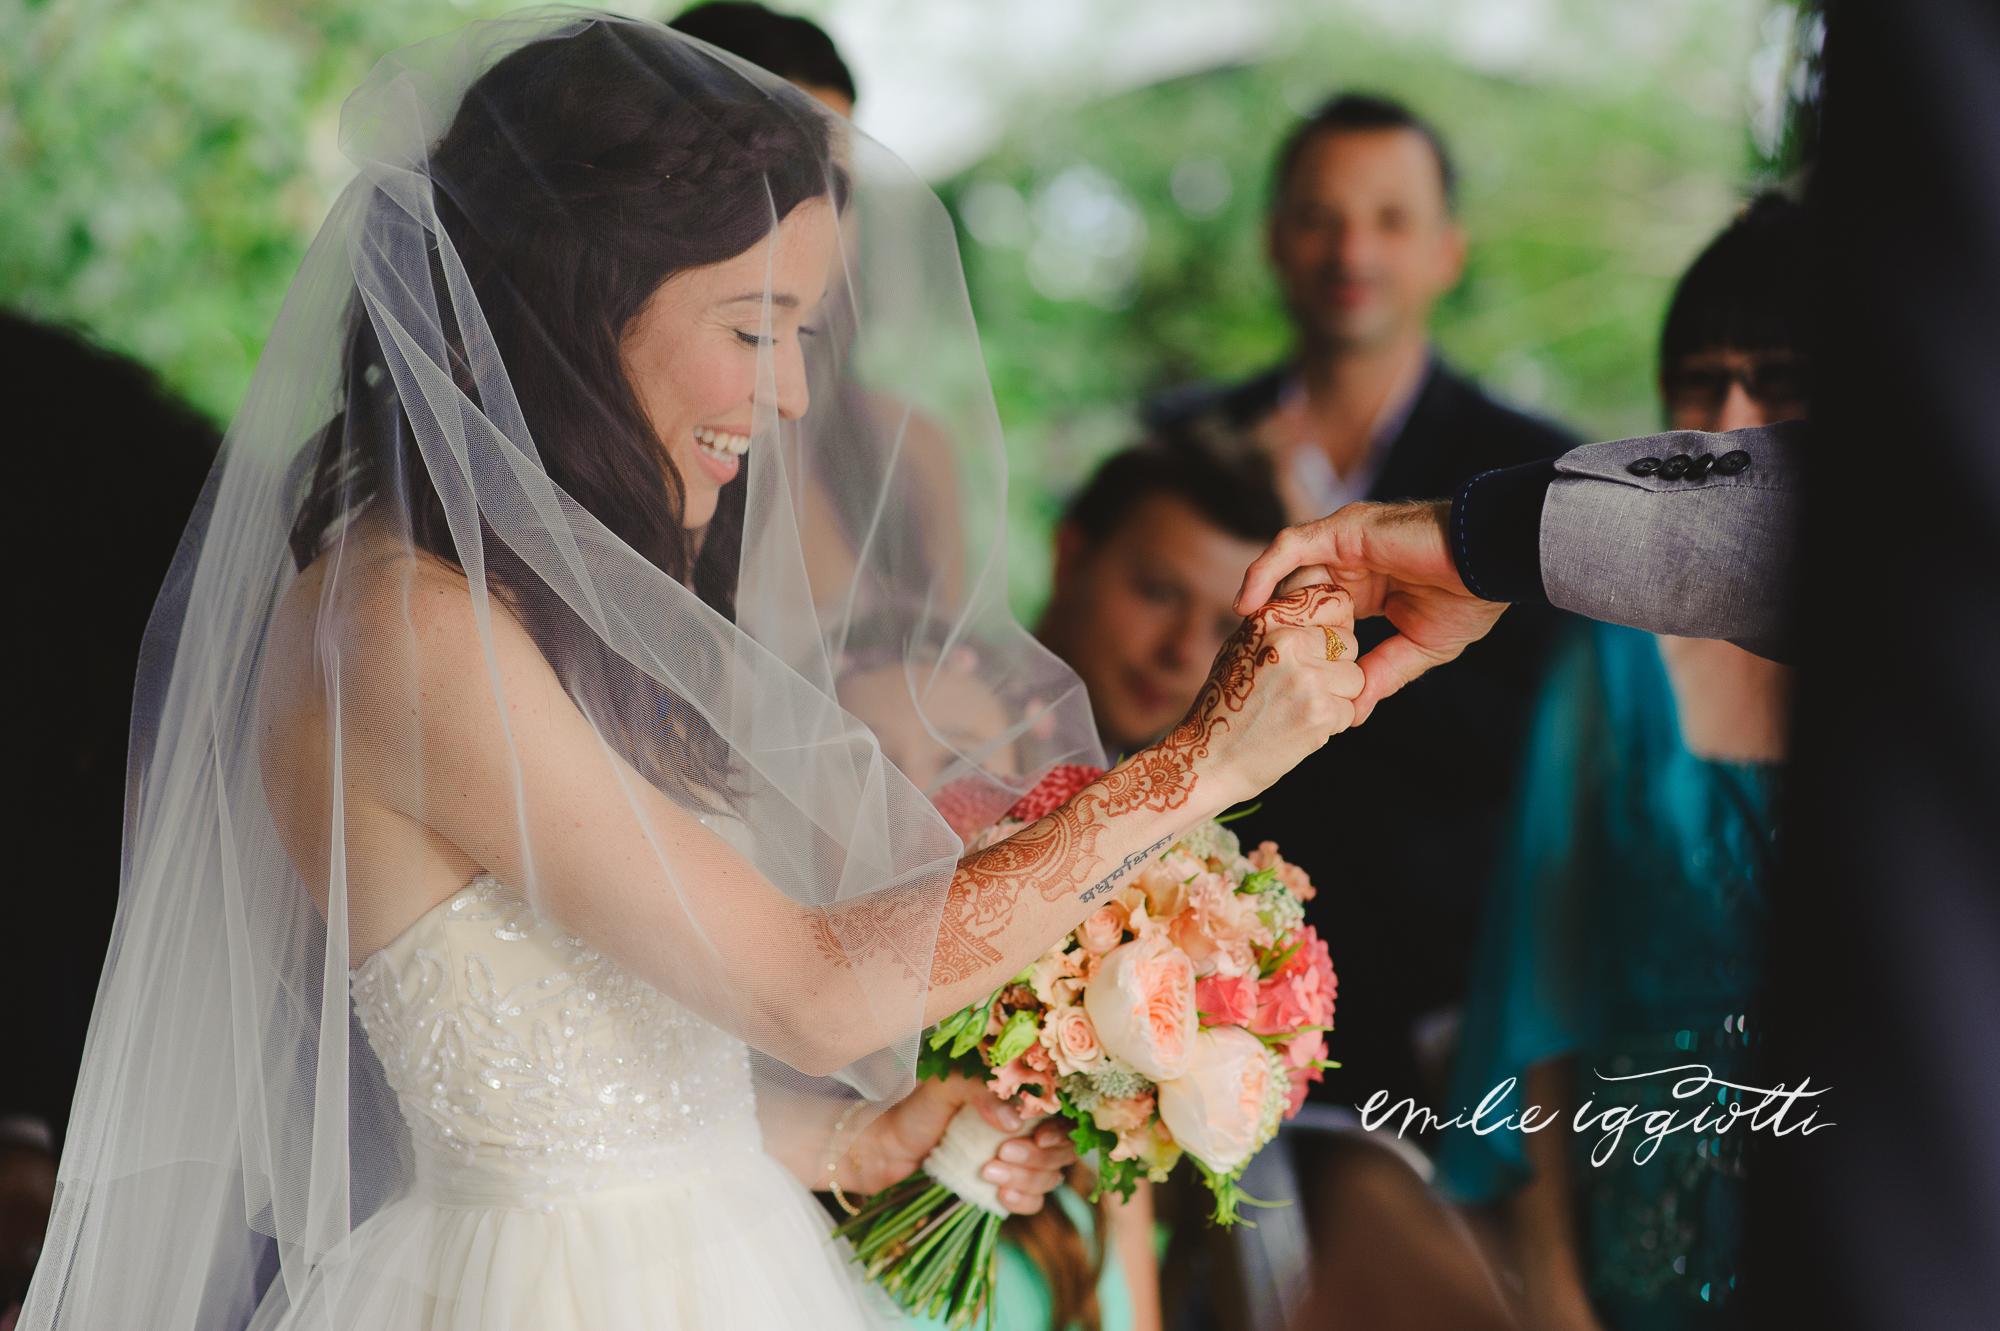 nabeille-wedding-emilie-iggiotti-18